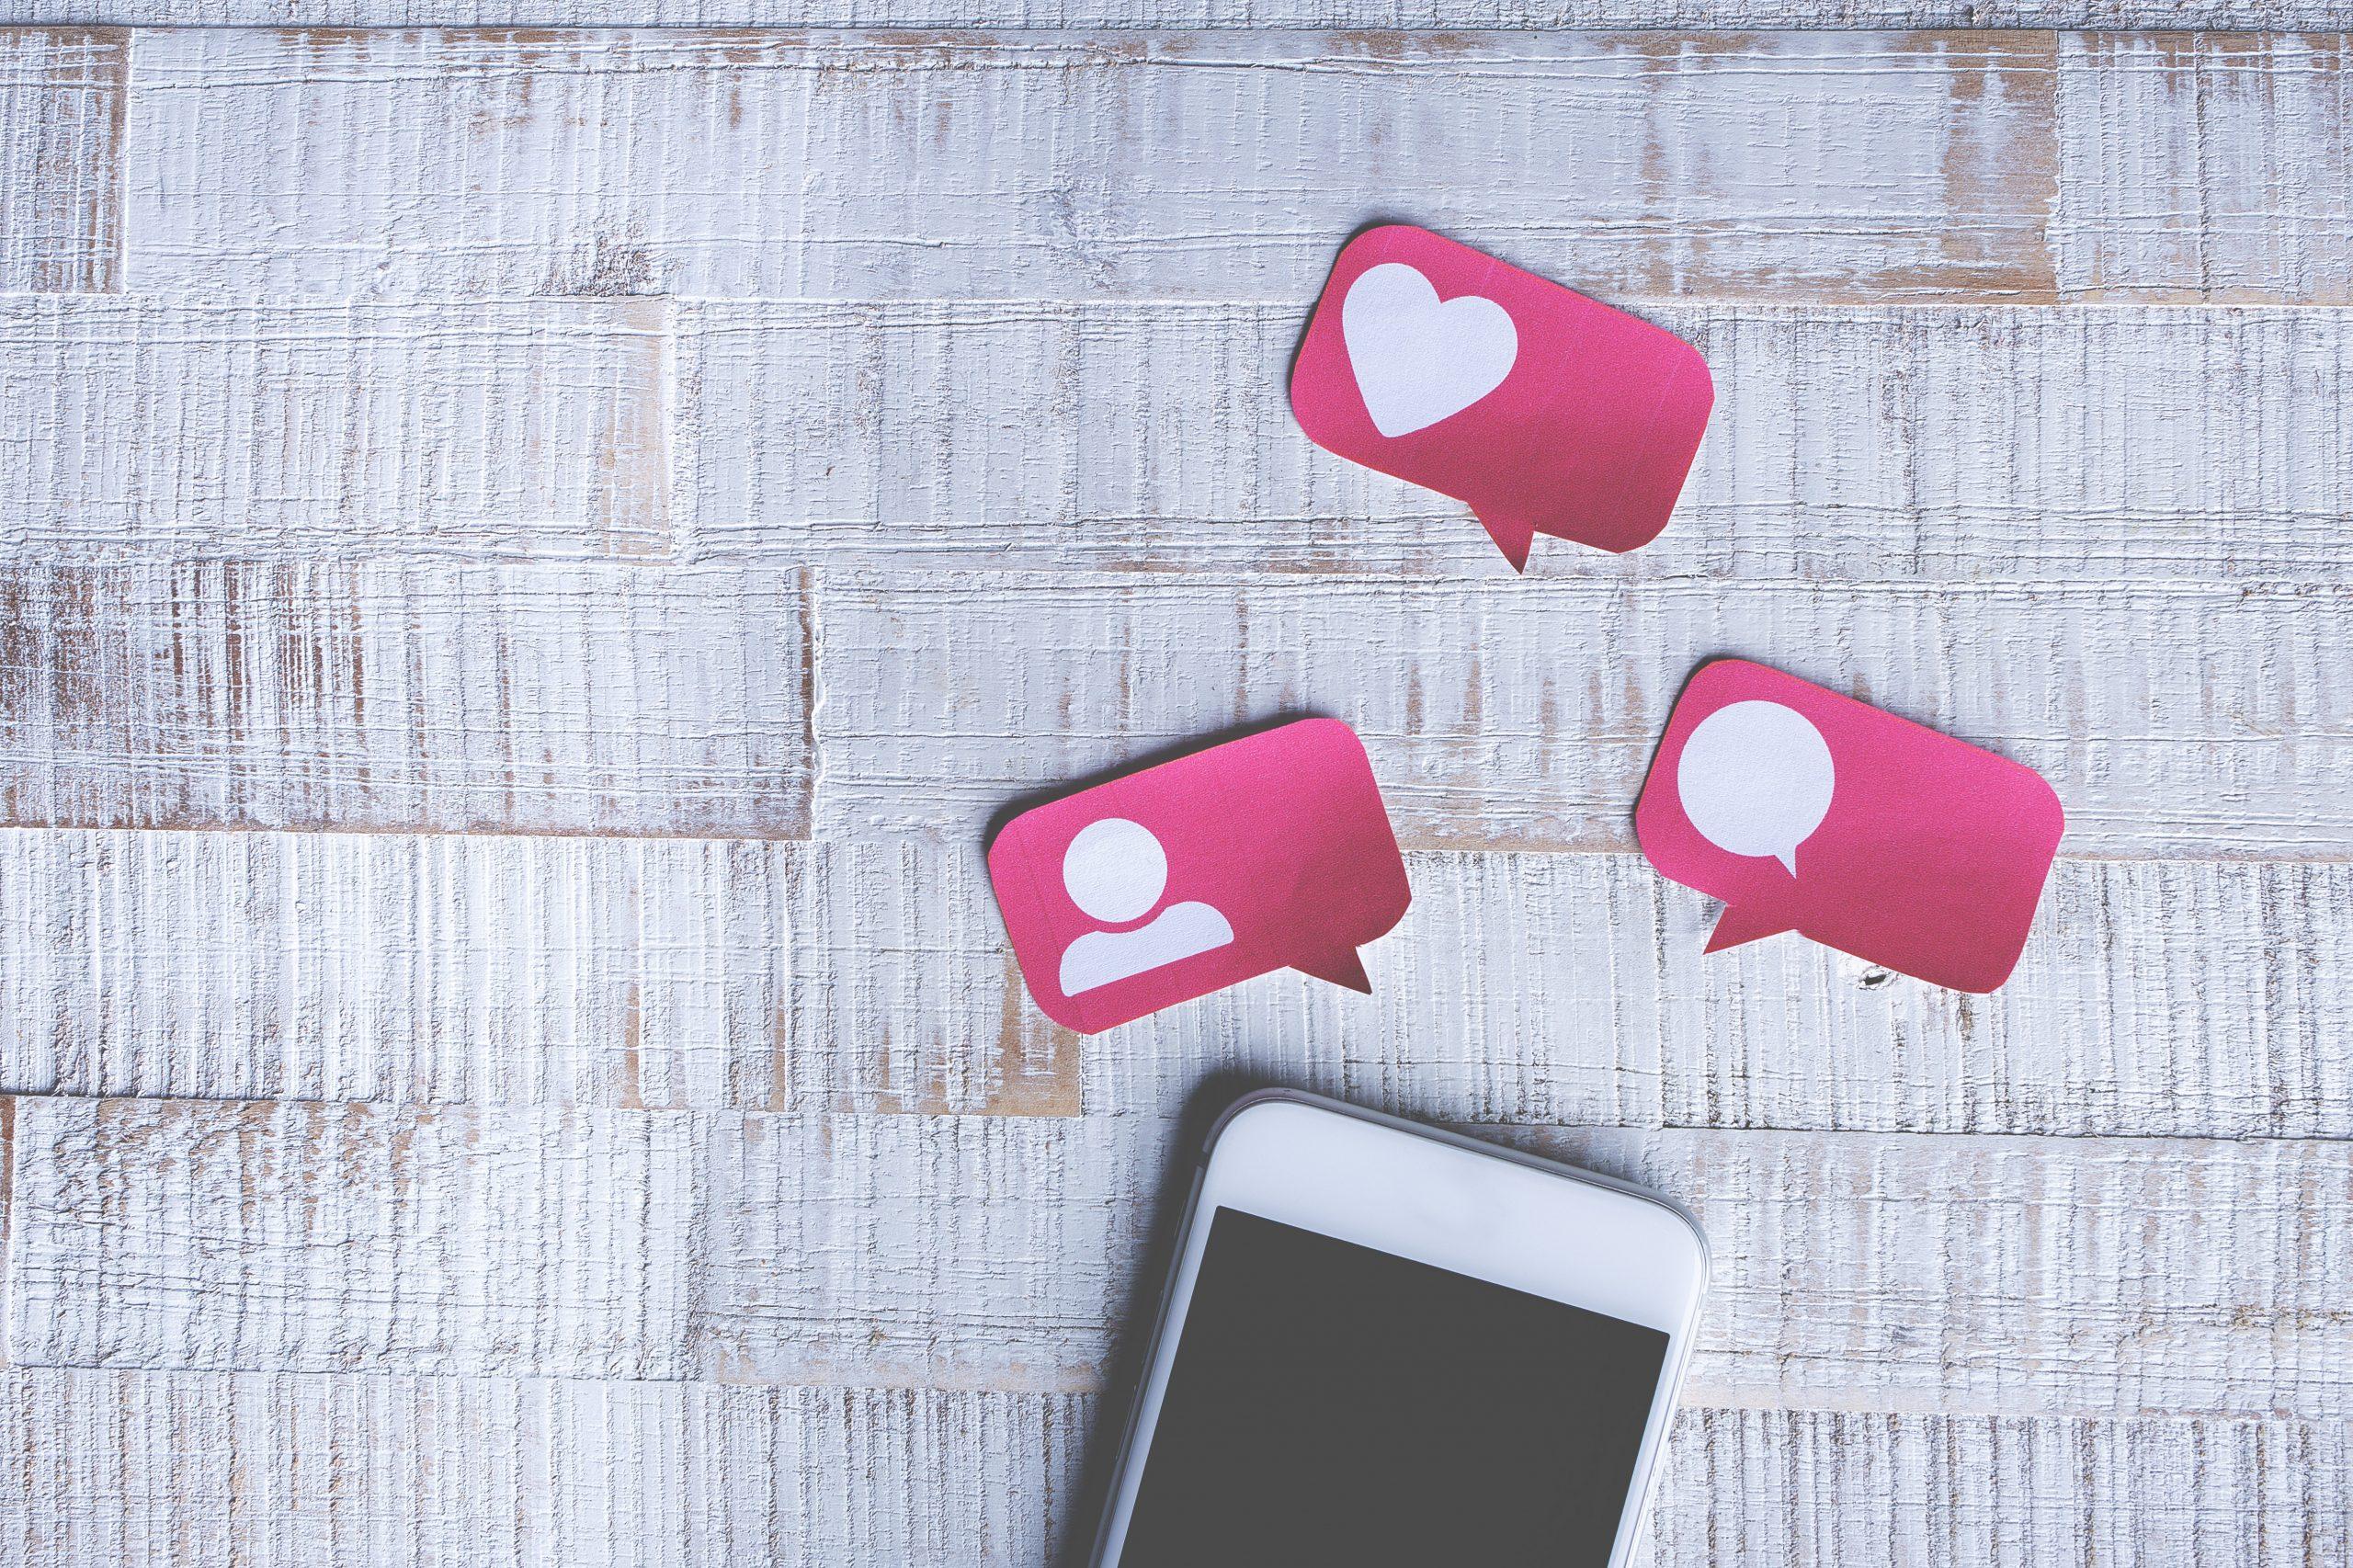 Estudo: Os consumidores perante comentários online